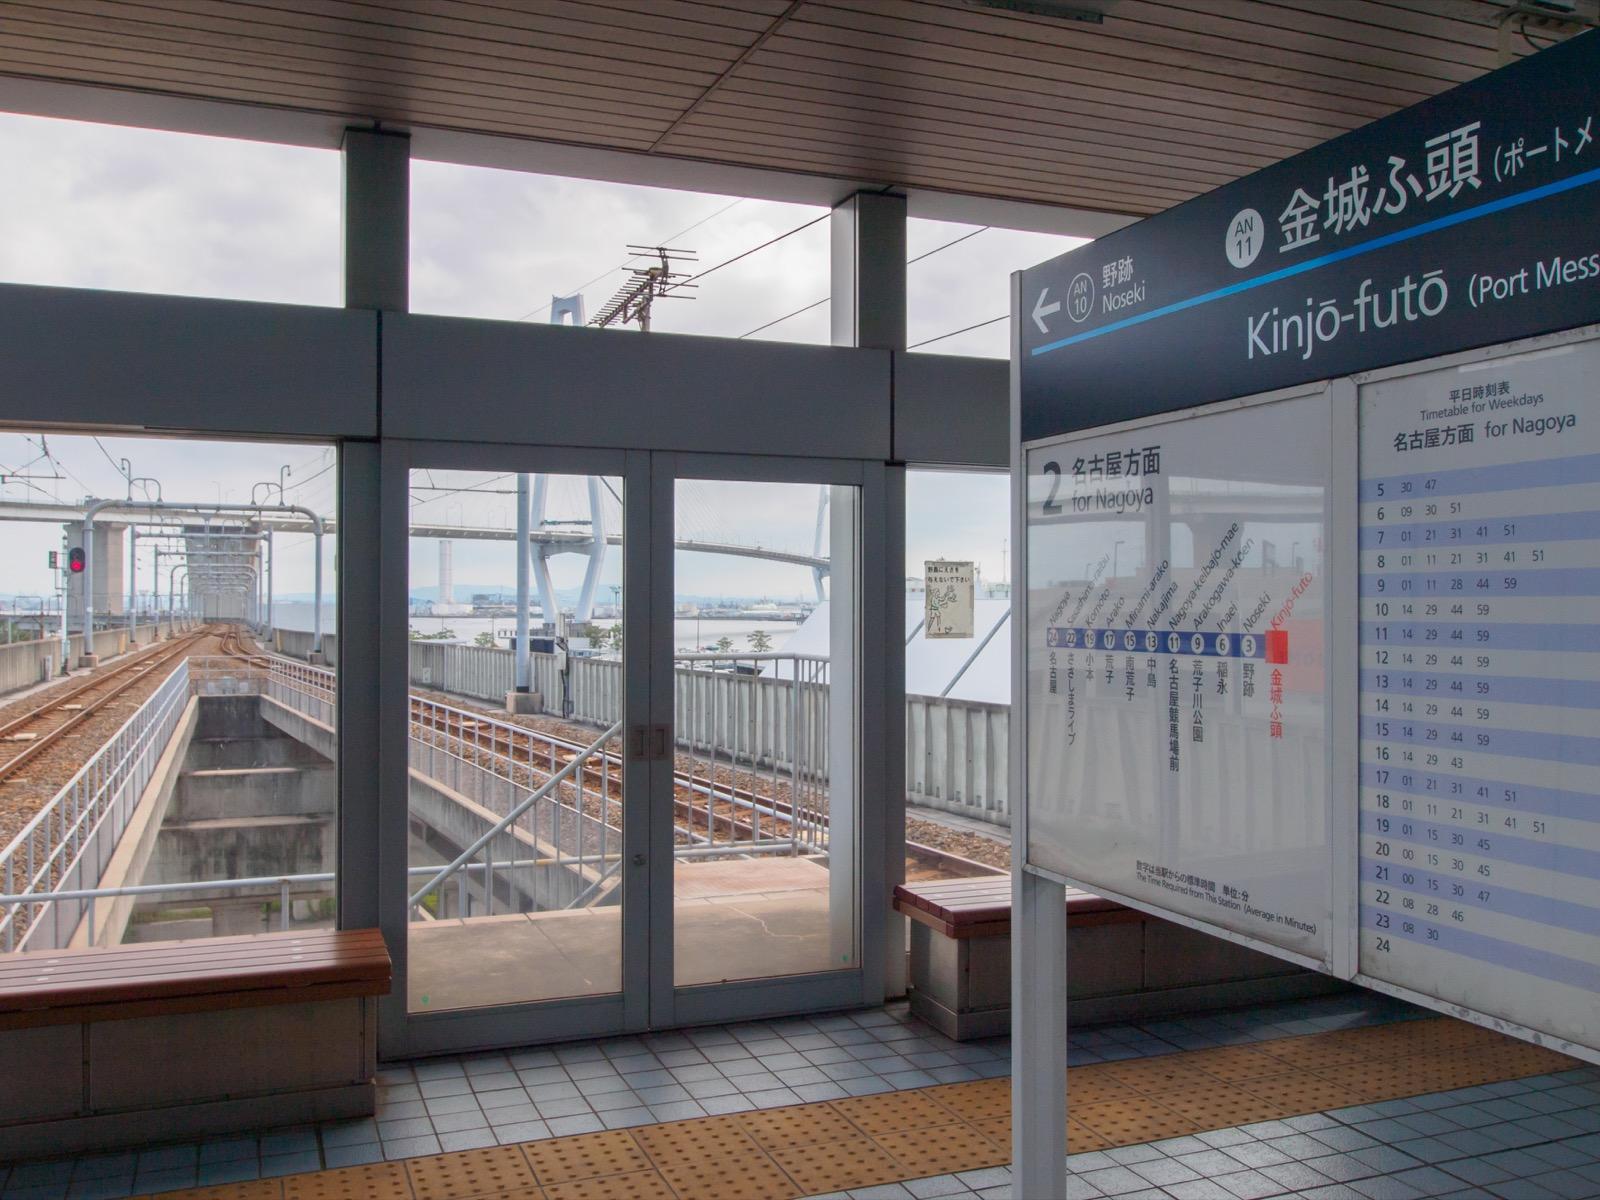 金城ふ頭駅のホームと名港中央大橋